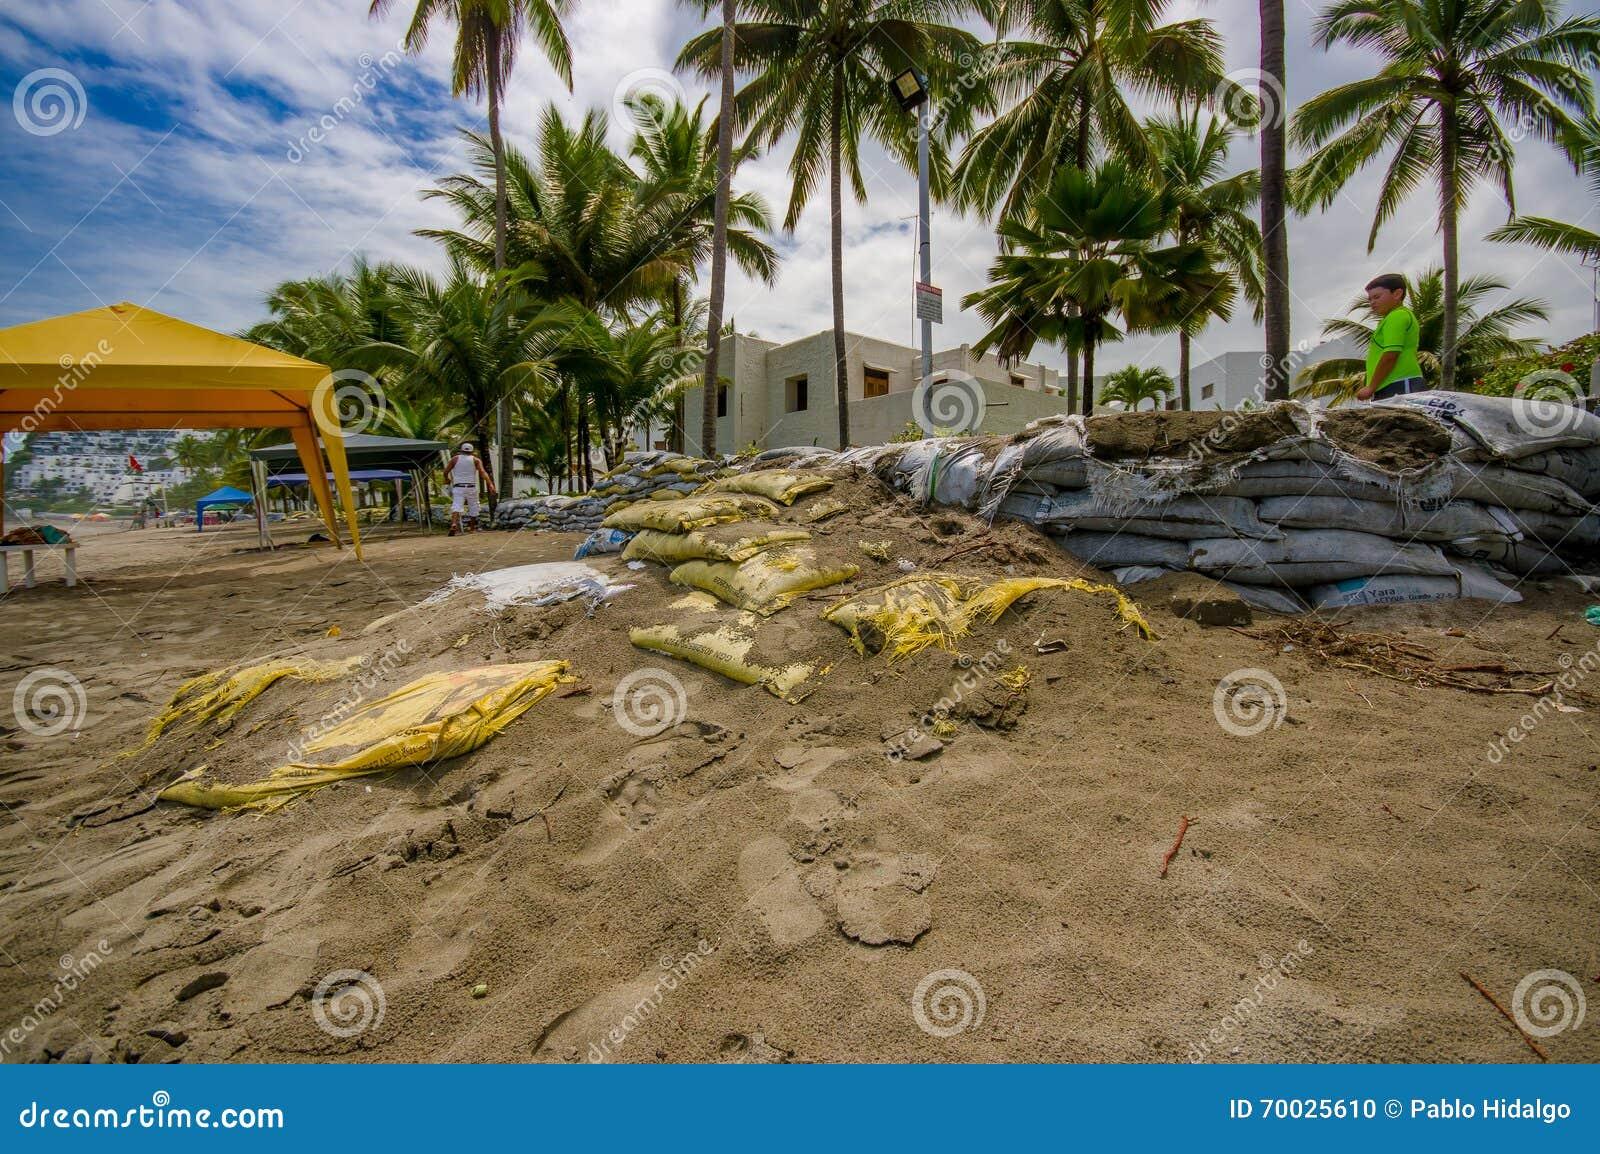 esmeraldas equateur 16 mars 2016 sacs de sable prot ger contre l 39 inondation par le. Black Bedroom Furniture Sets. Home Design Ideas